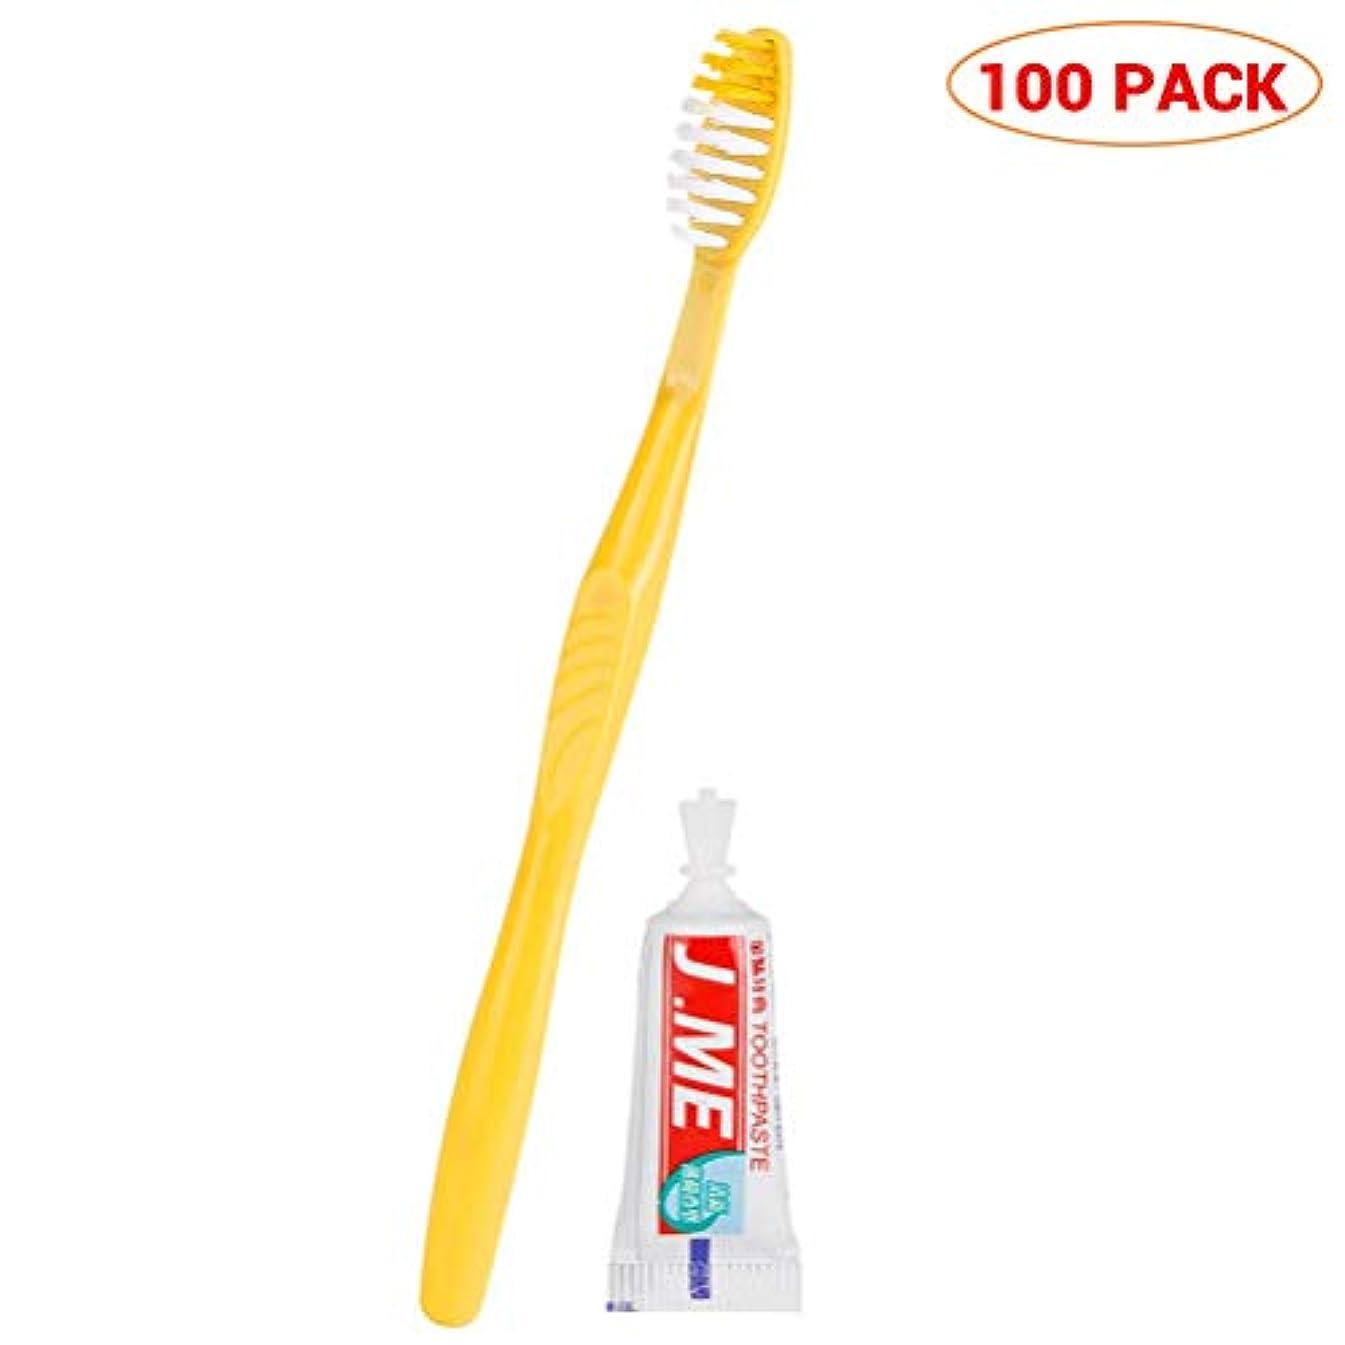 に向かってペット拡張歯磨き粉付き使い捨て歯ブラシ、100パック